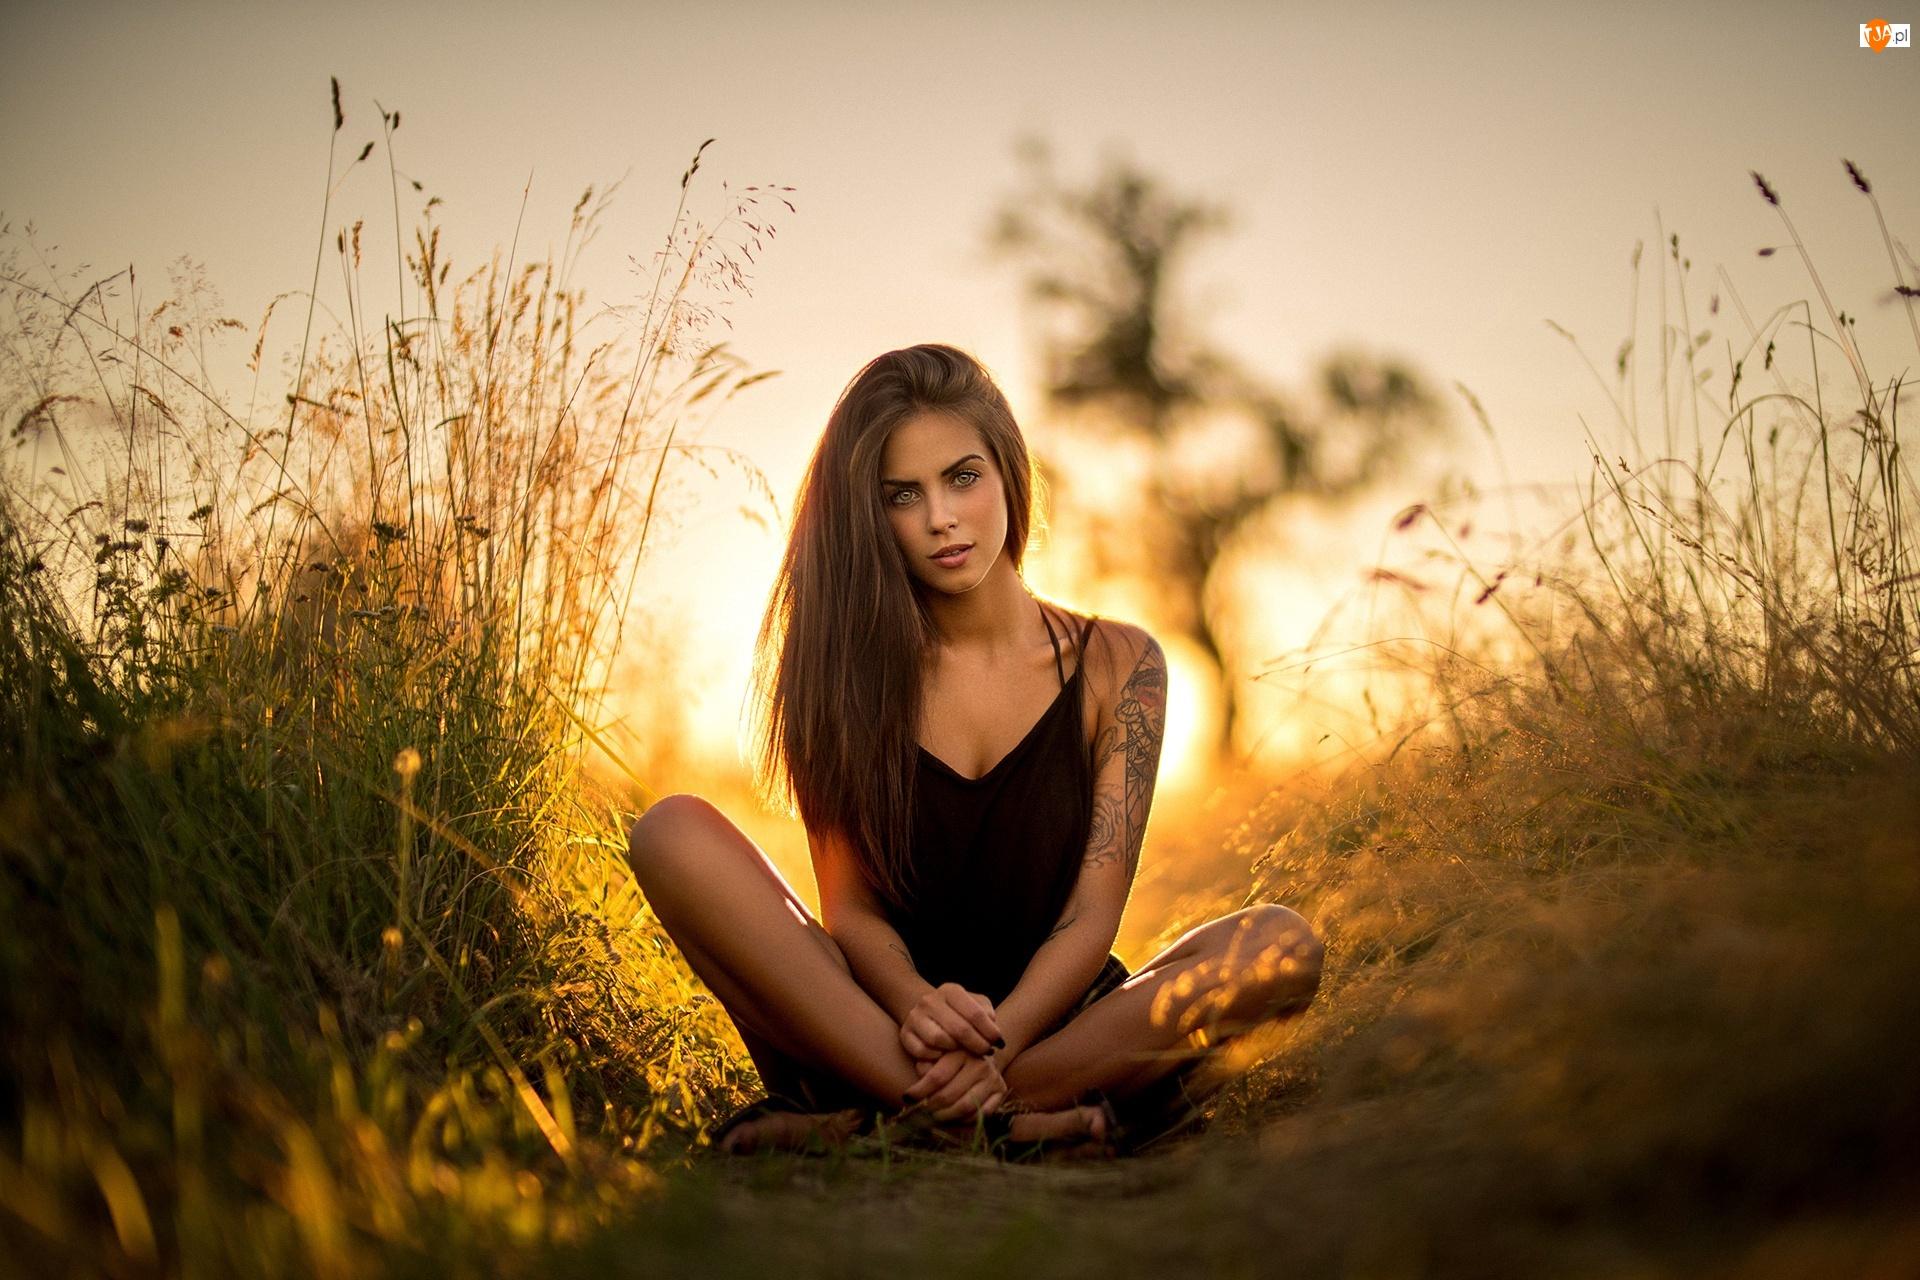 Słońce, Kobieta, Ścieżka, Tatuaż, Trawy